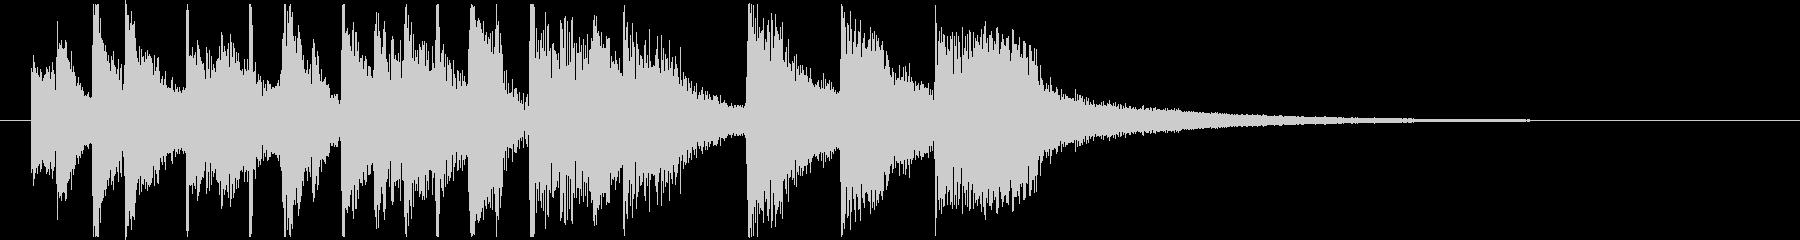 ノリノリのサルサ調サウンドロゴの未再生の波形